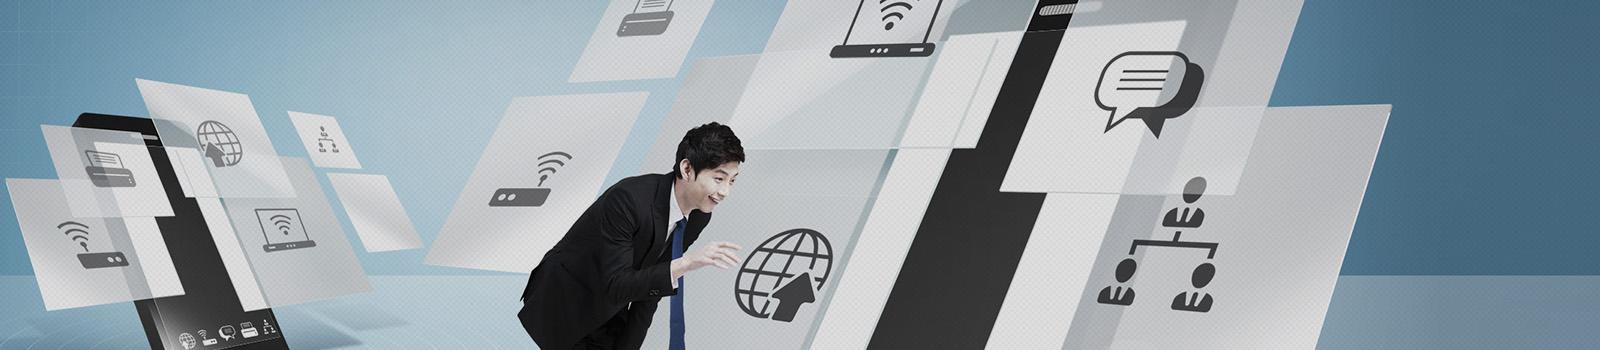 <em>원광대학교 경영대학</em>정보ㆍ전자상거래학부